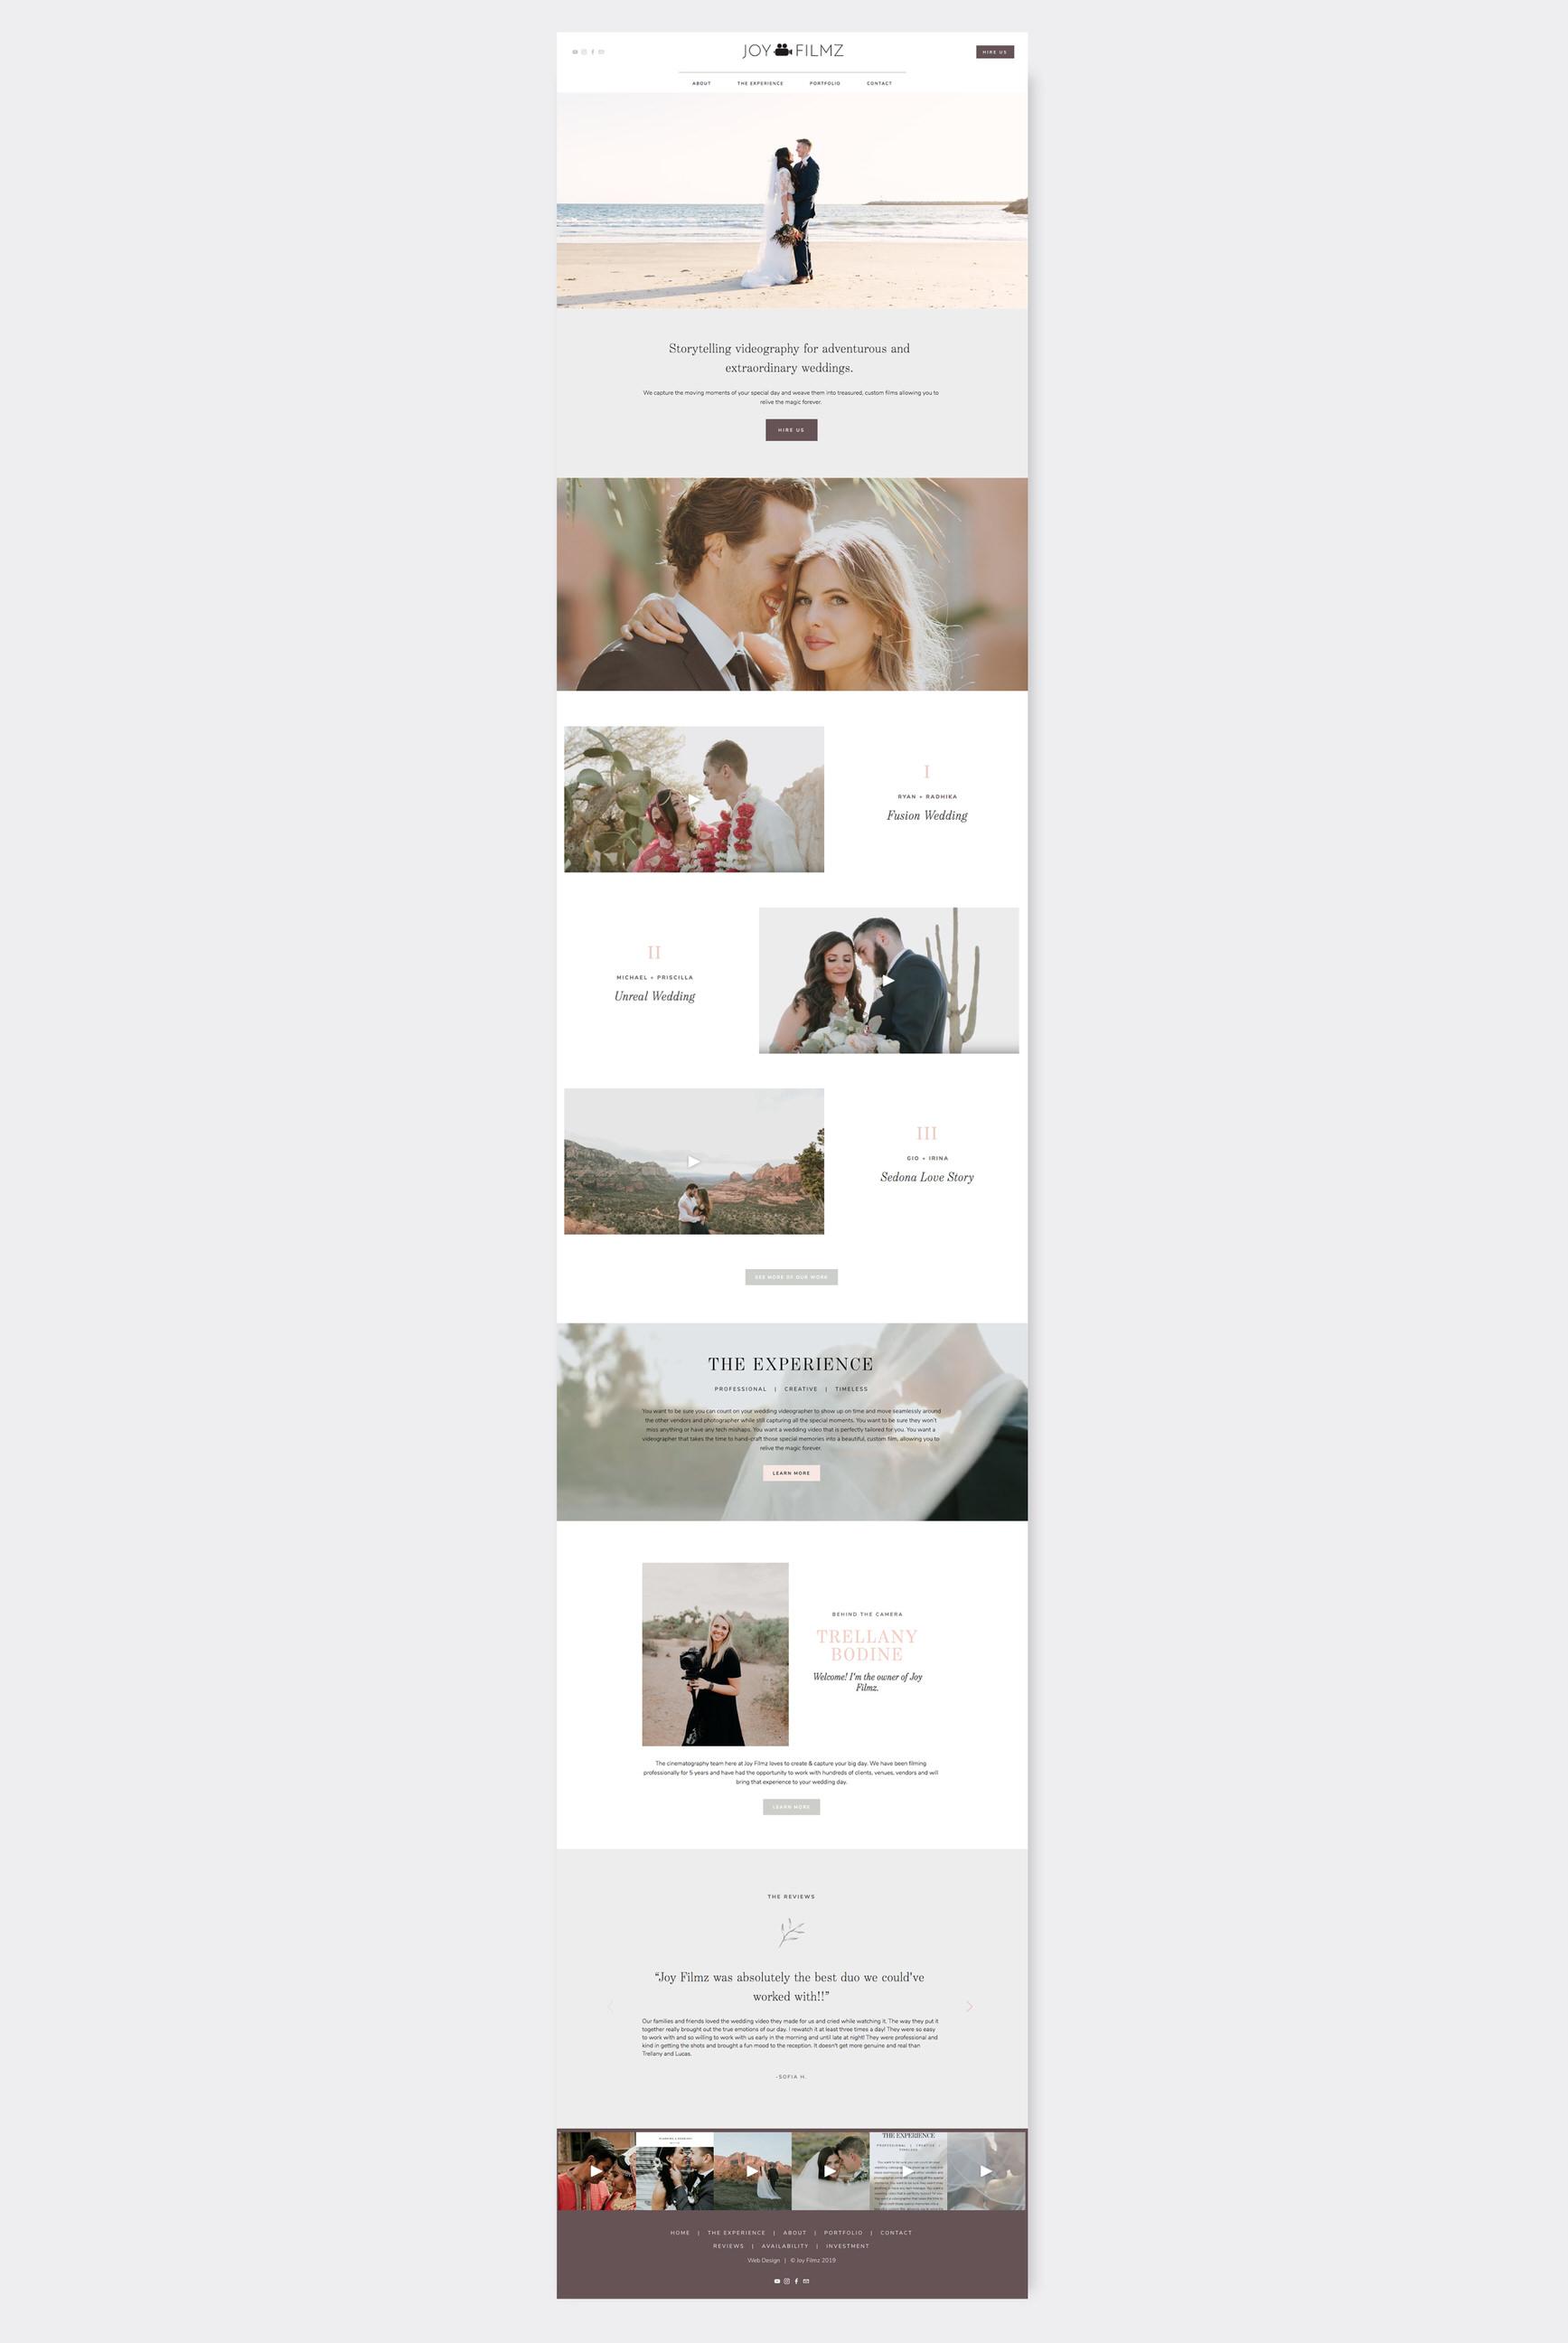 joyfilmz-portfolio21-1.jpg